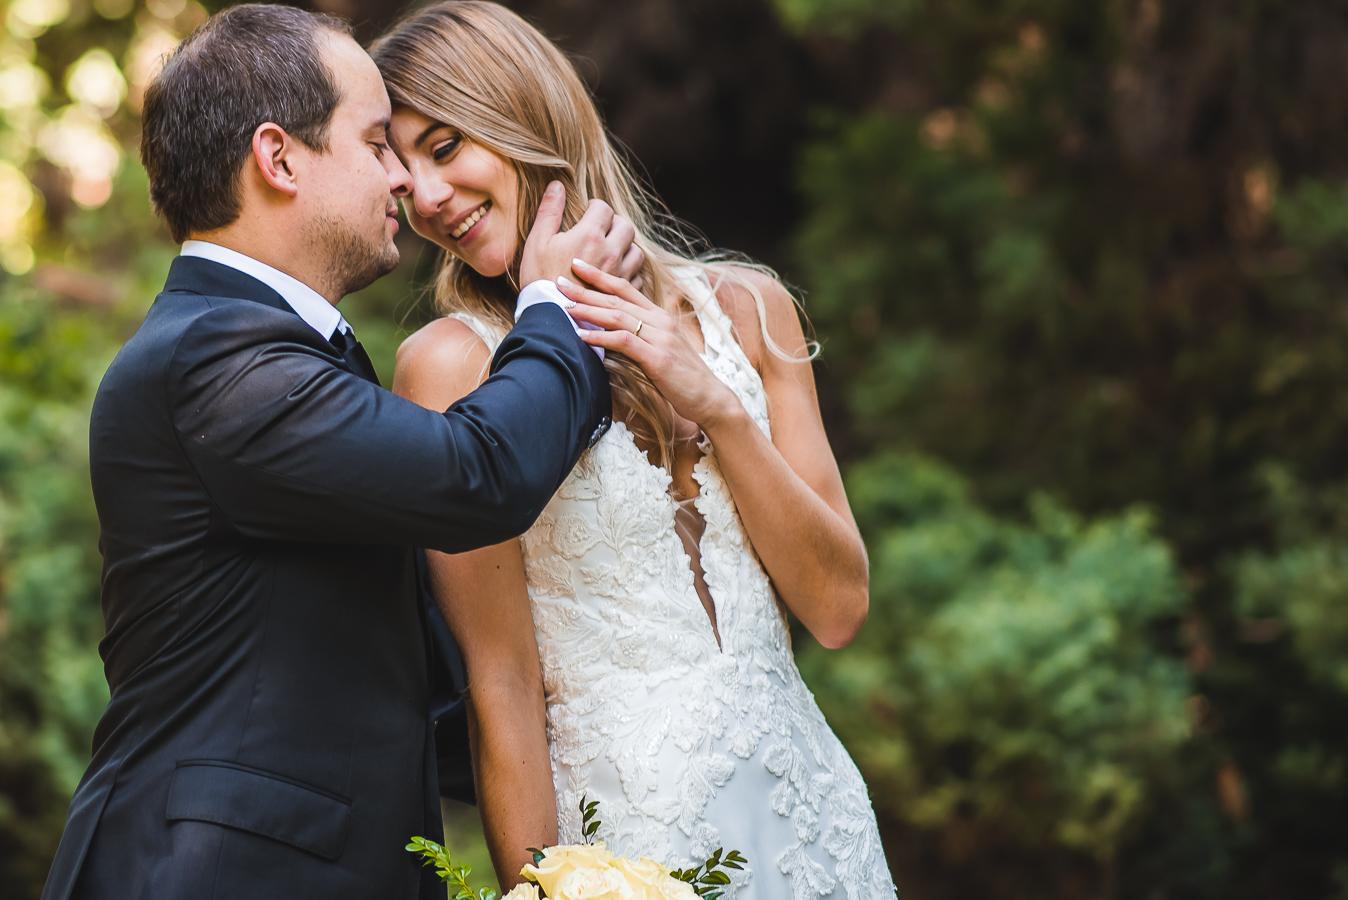 jaime miranda fotografia matrimonios (5)